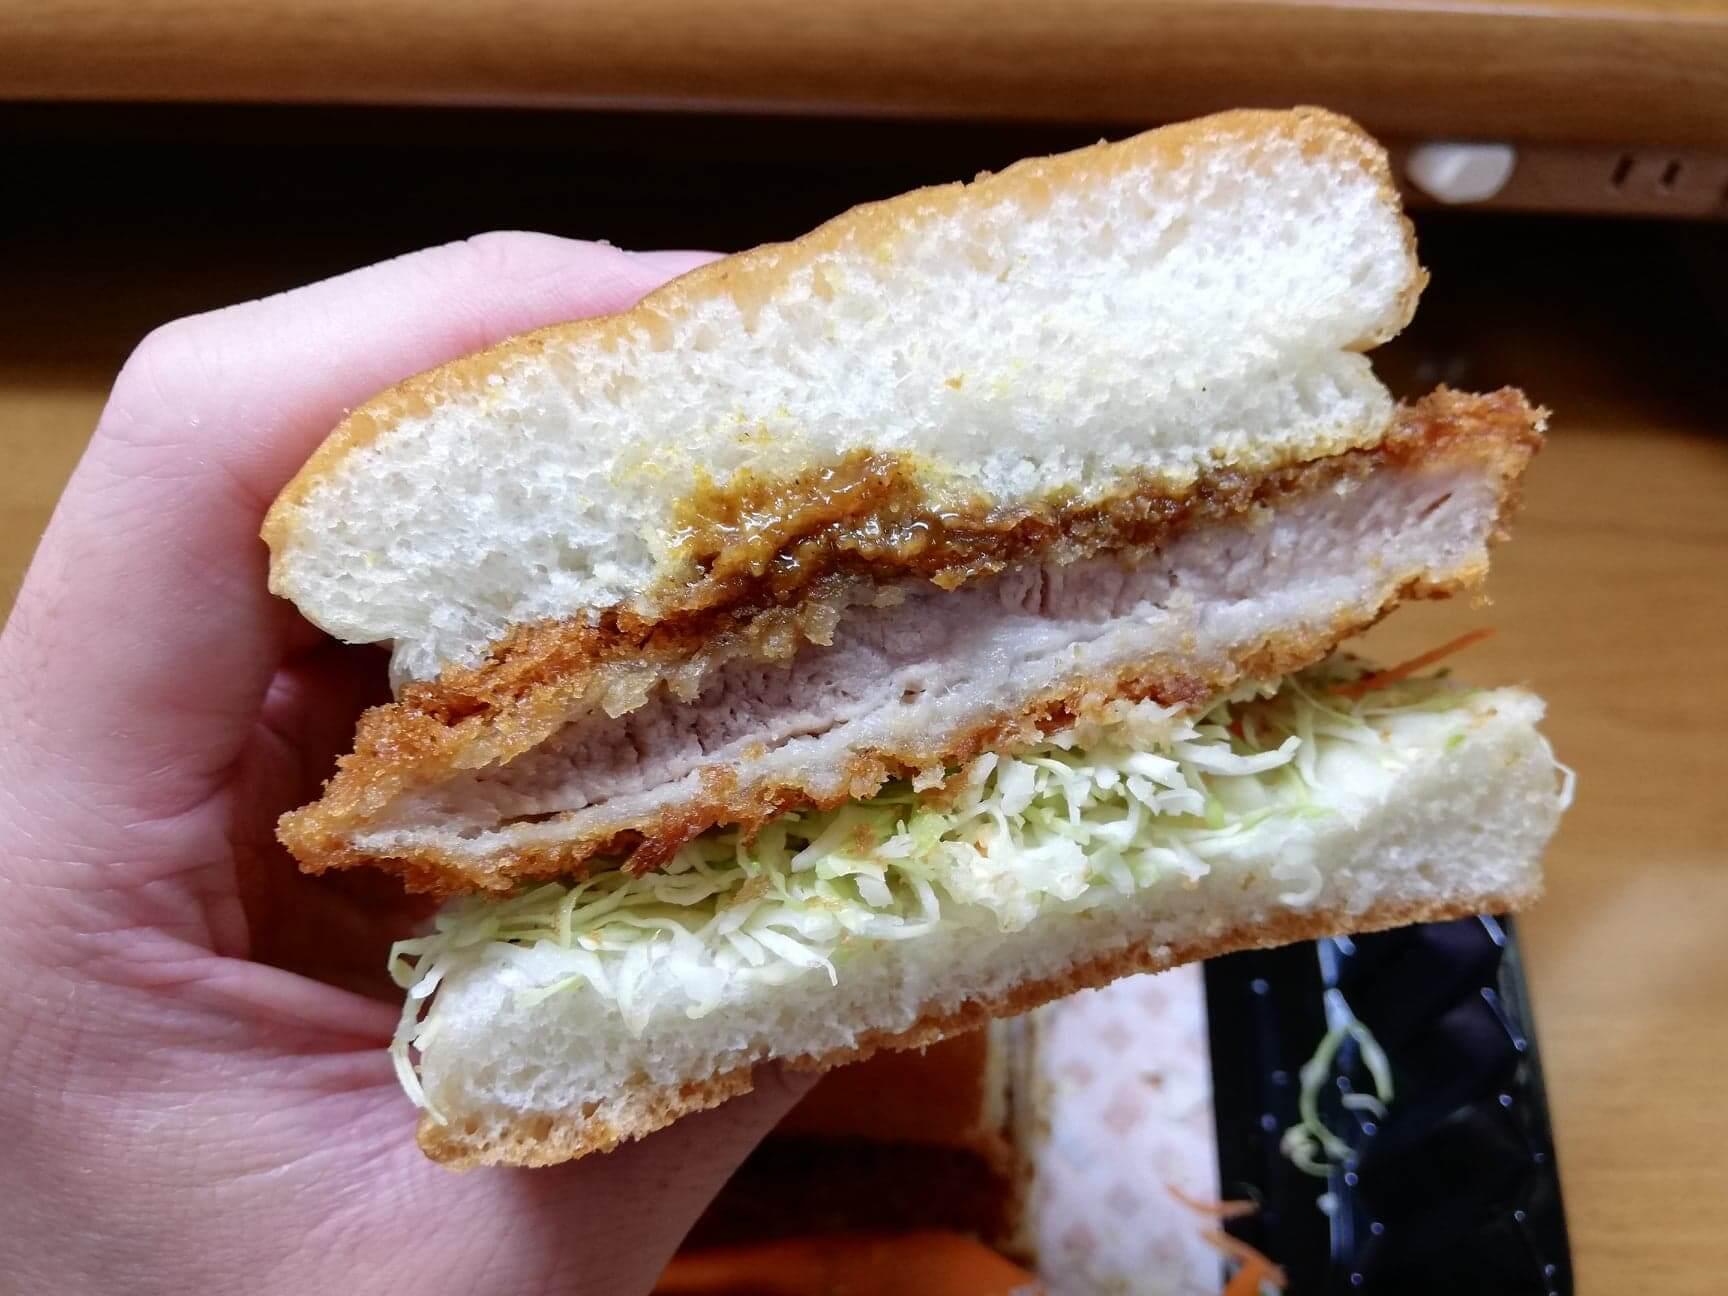 コメダ珈琲店の『カツカリーパン』の写真